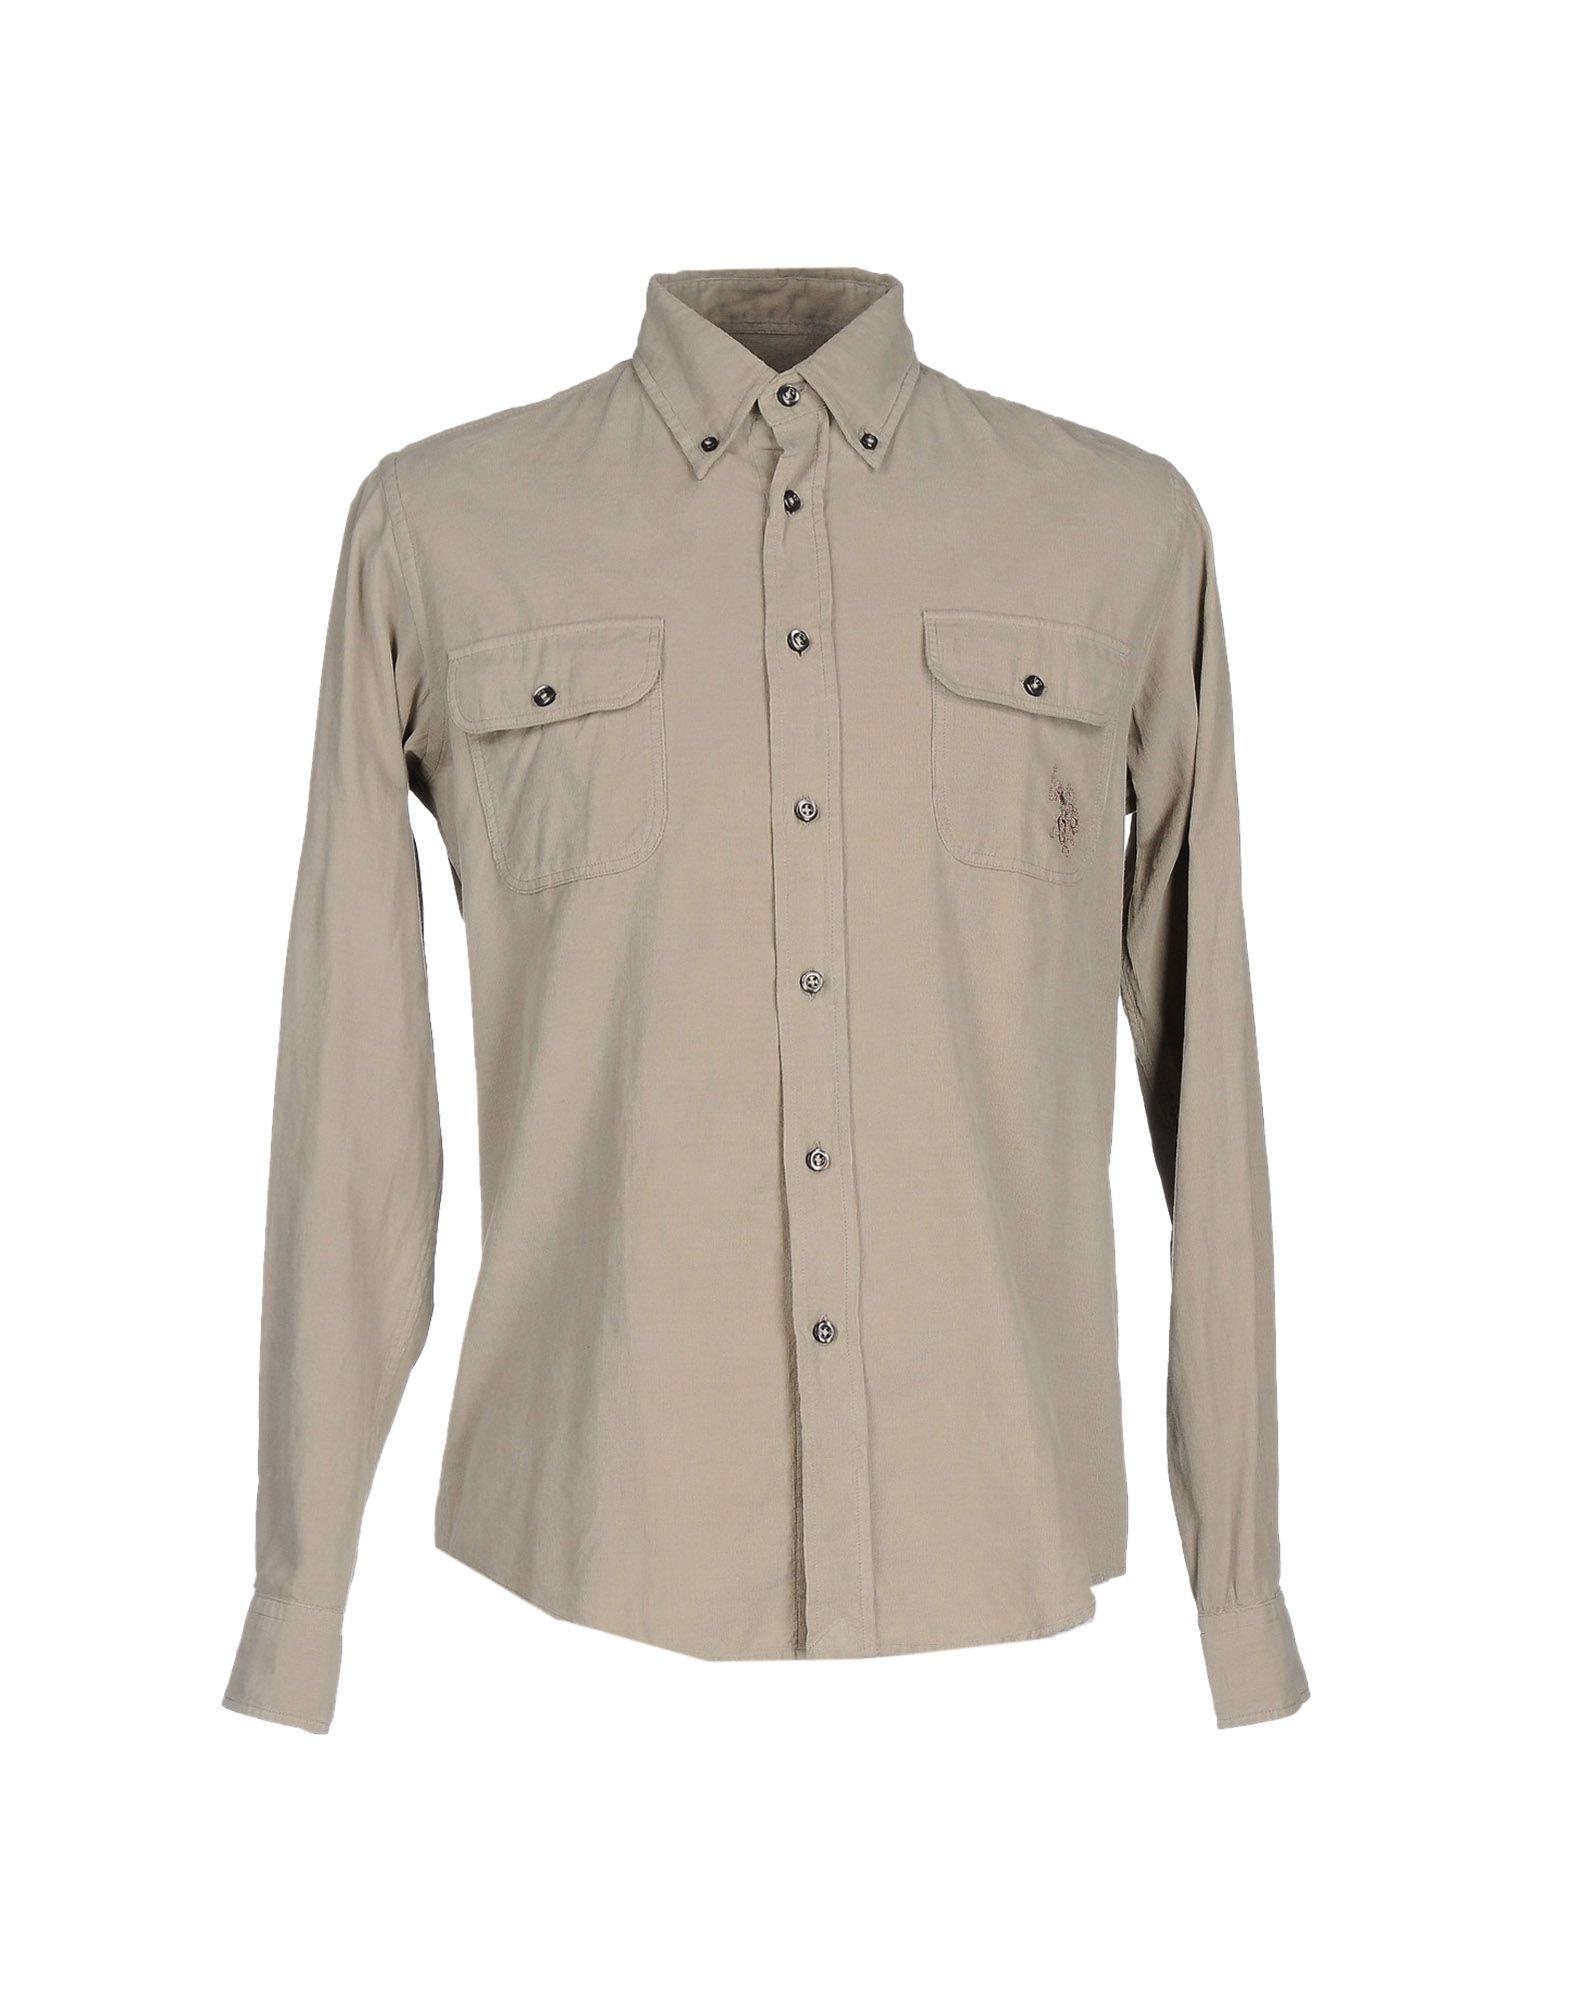 《送料無料》U.S.POLO ASSN. メンズ シャツ グレー S コットン 100%